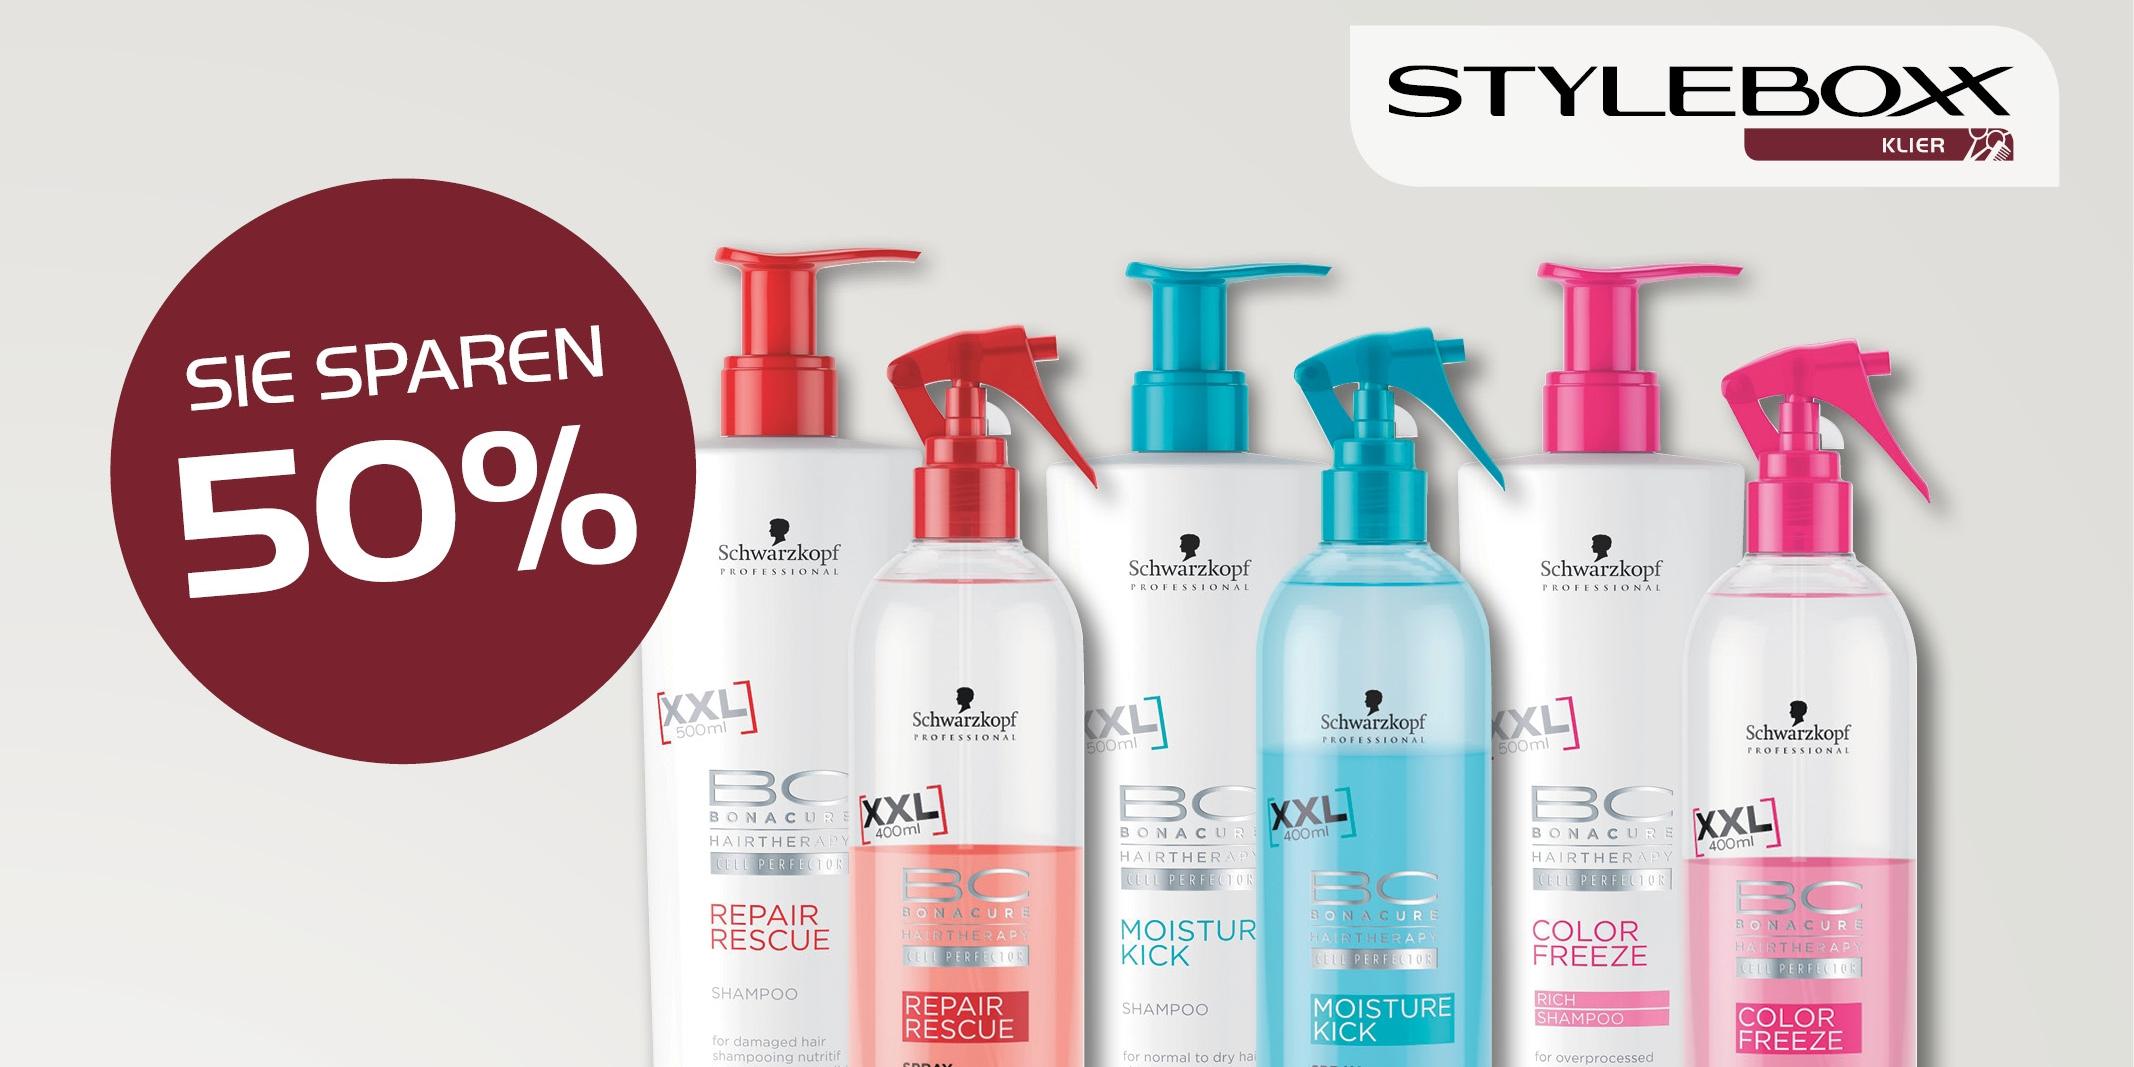 Entdecken Sie unsere Styleboxx-Angebote im Januar